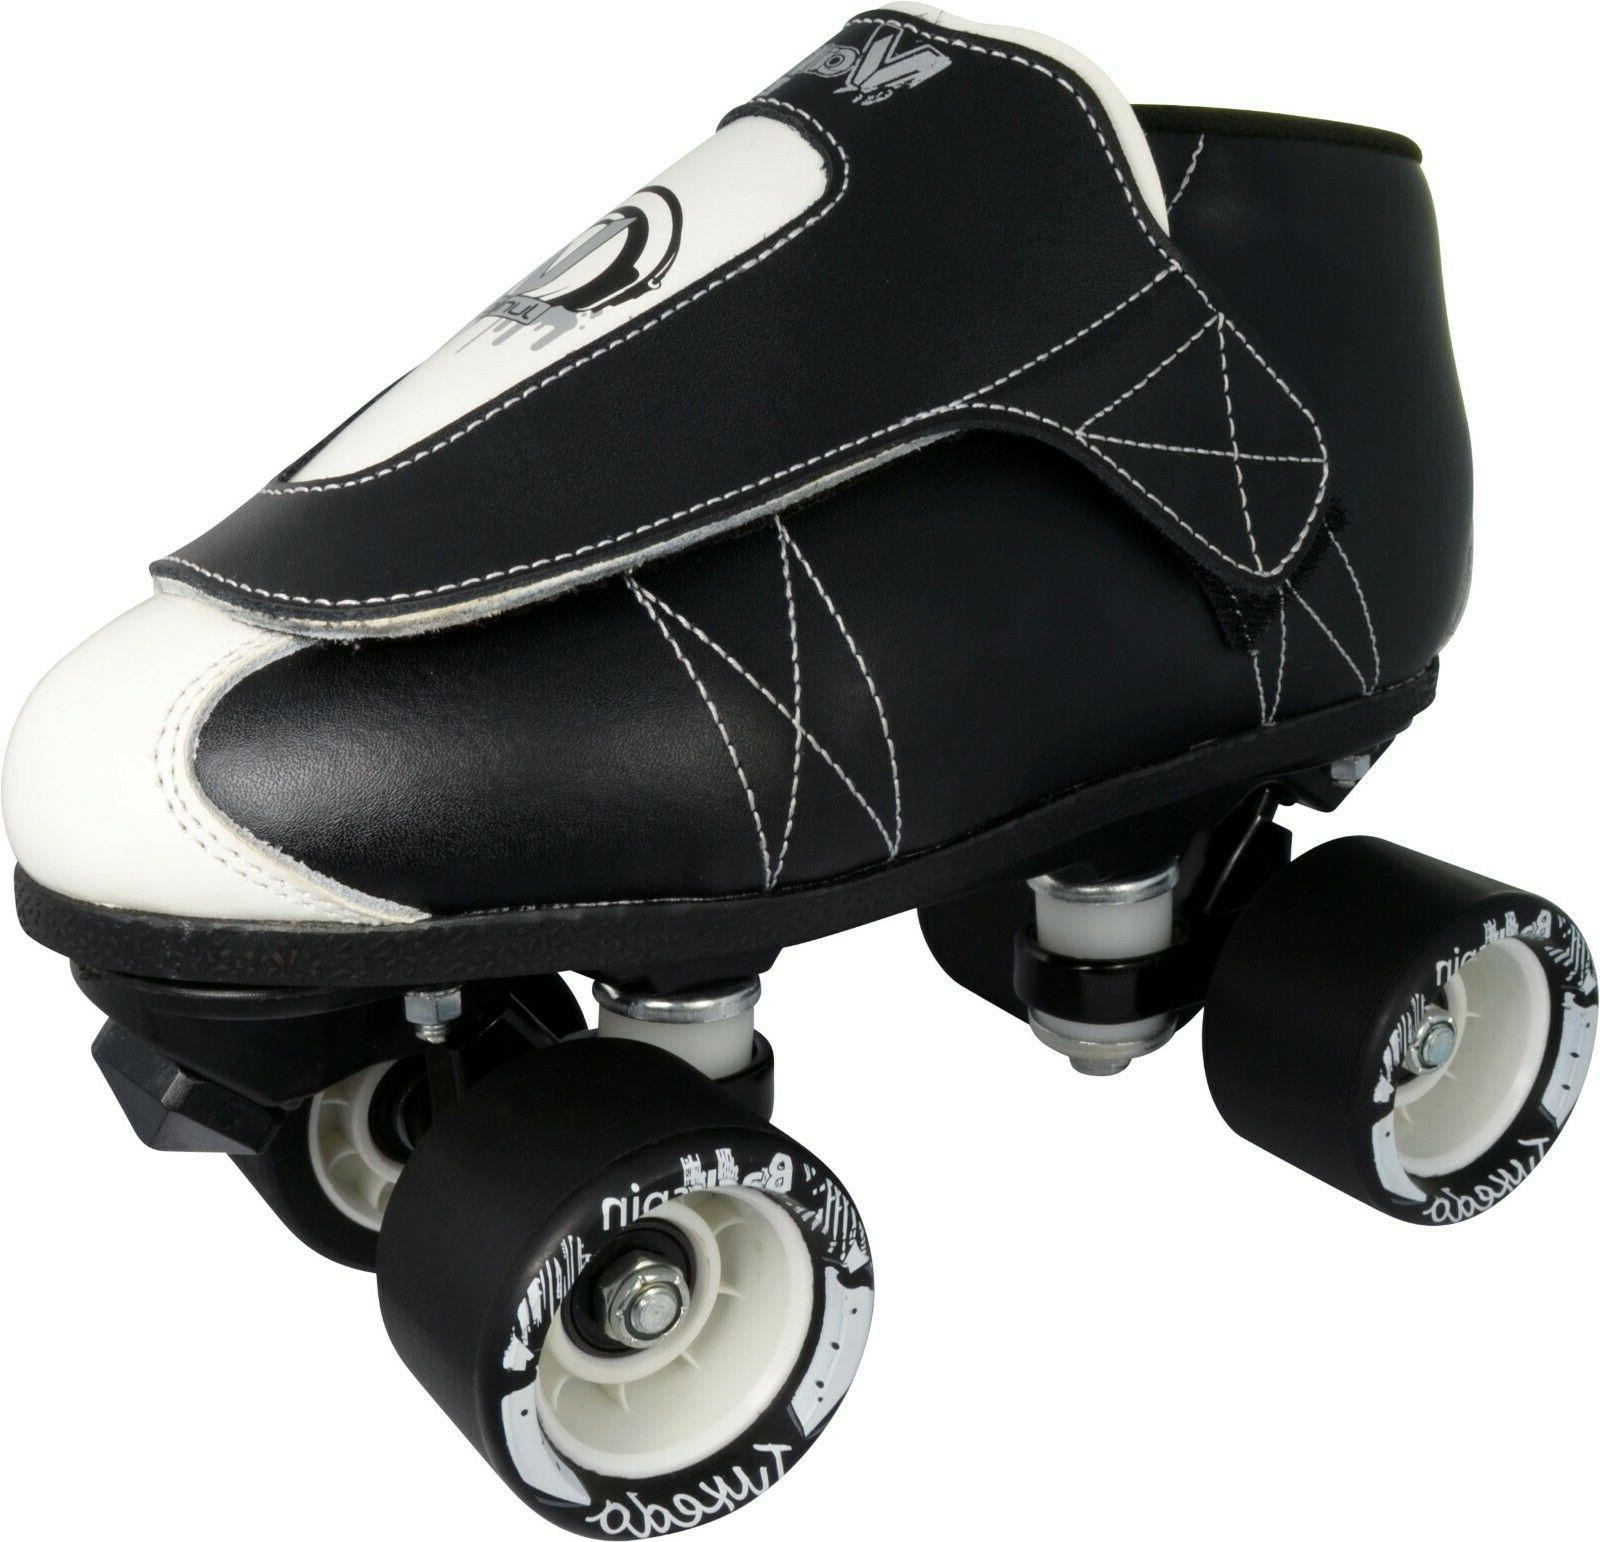 new vnla tuxedo black and white quad